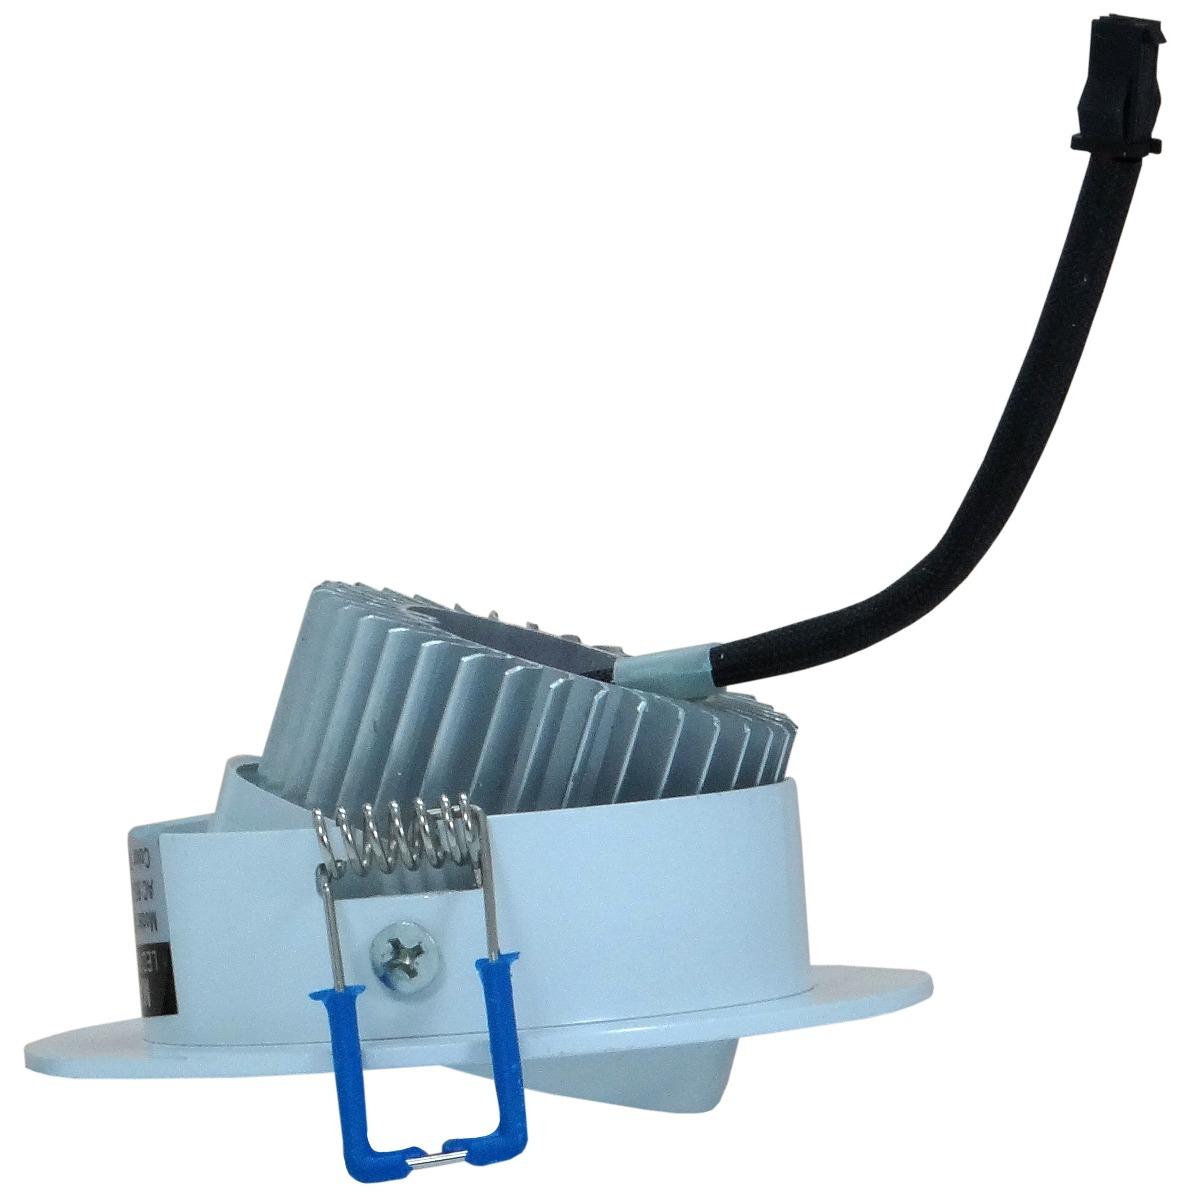 Kit 20 Lampada Spot Aluminio Led 3w Branco Frio - ILIMITI SHOP